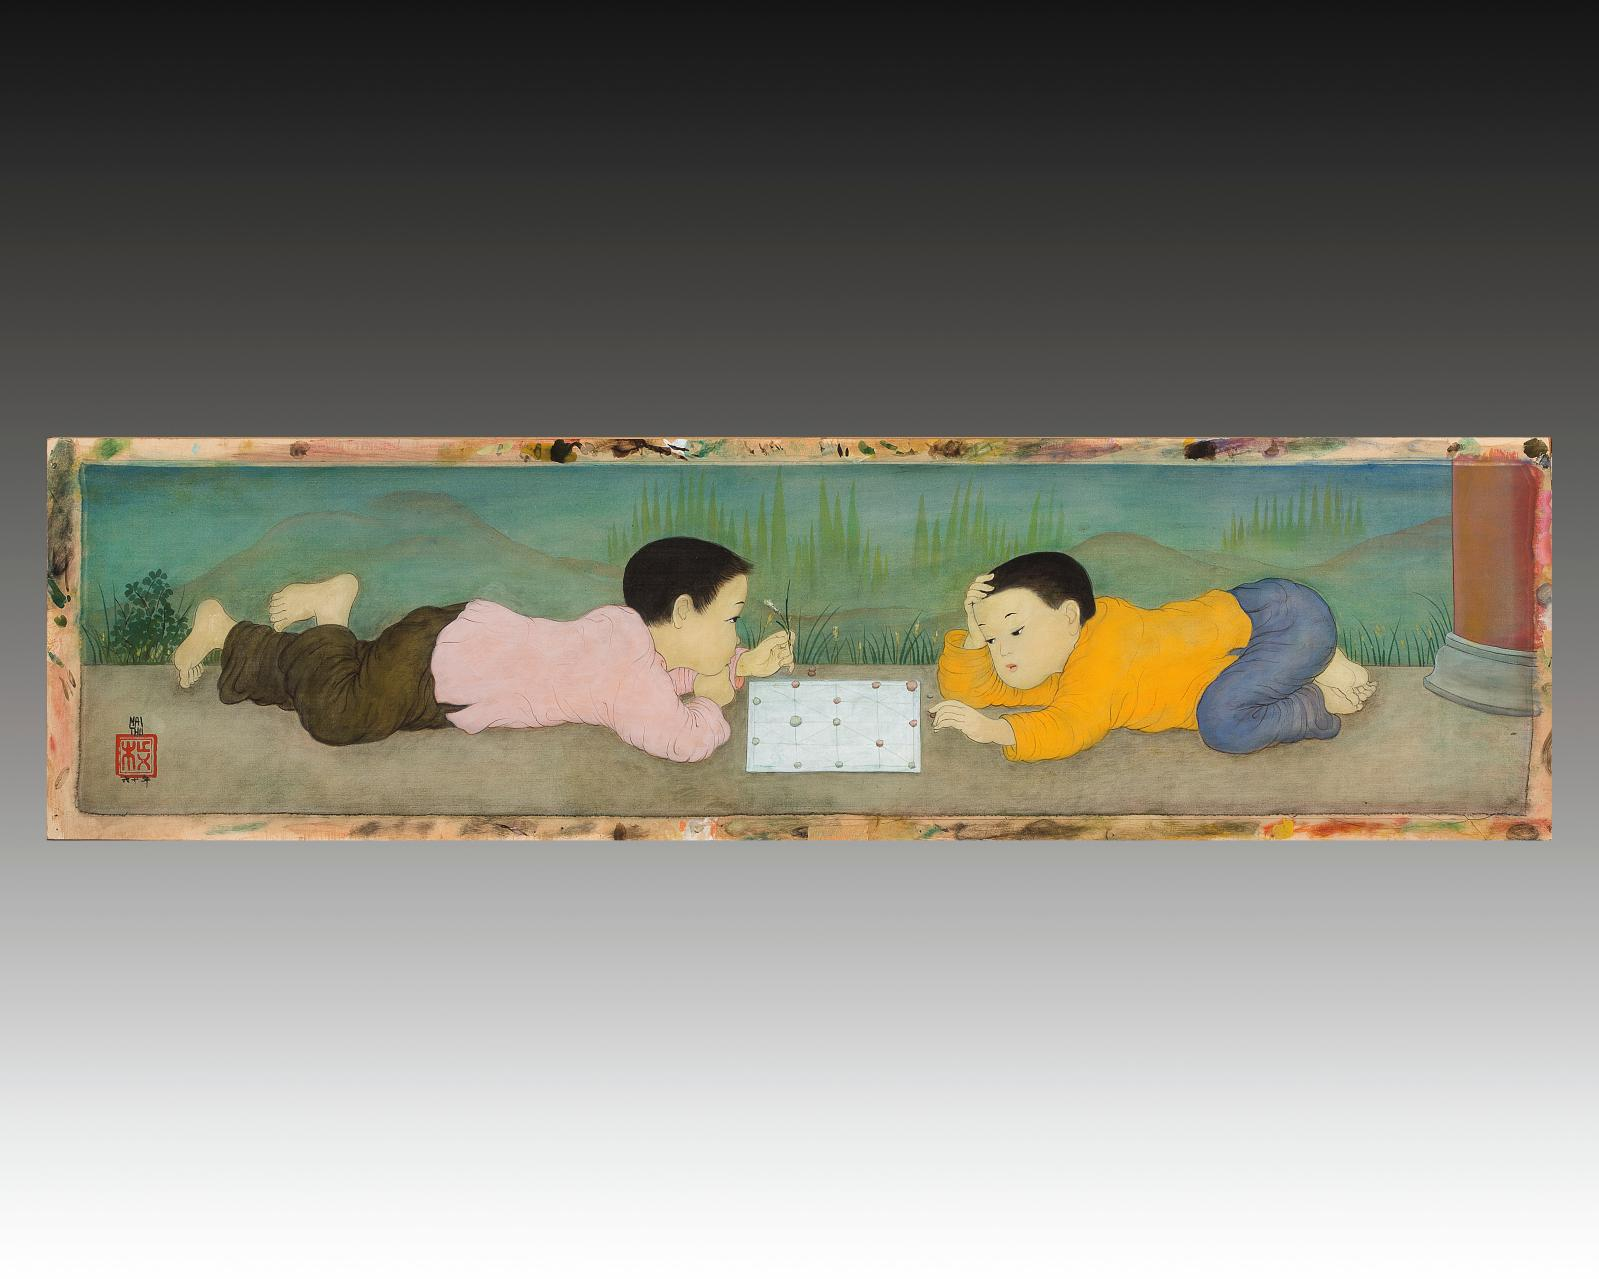 Le Vent, illustré par une création de Mai Trung Thu (1906-1980), datant de 1945 et décrochée à 195000€ (55x46cm, voirGazette n°34, p